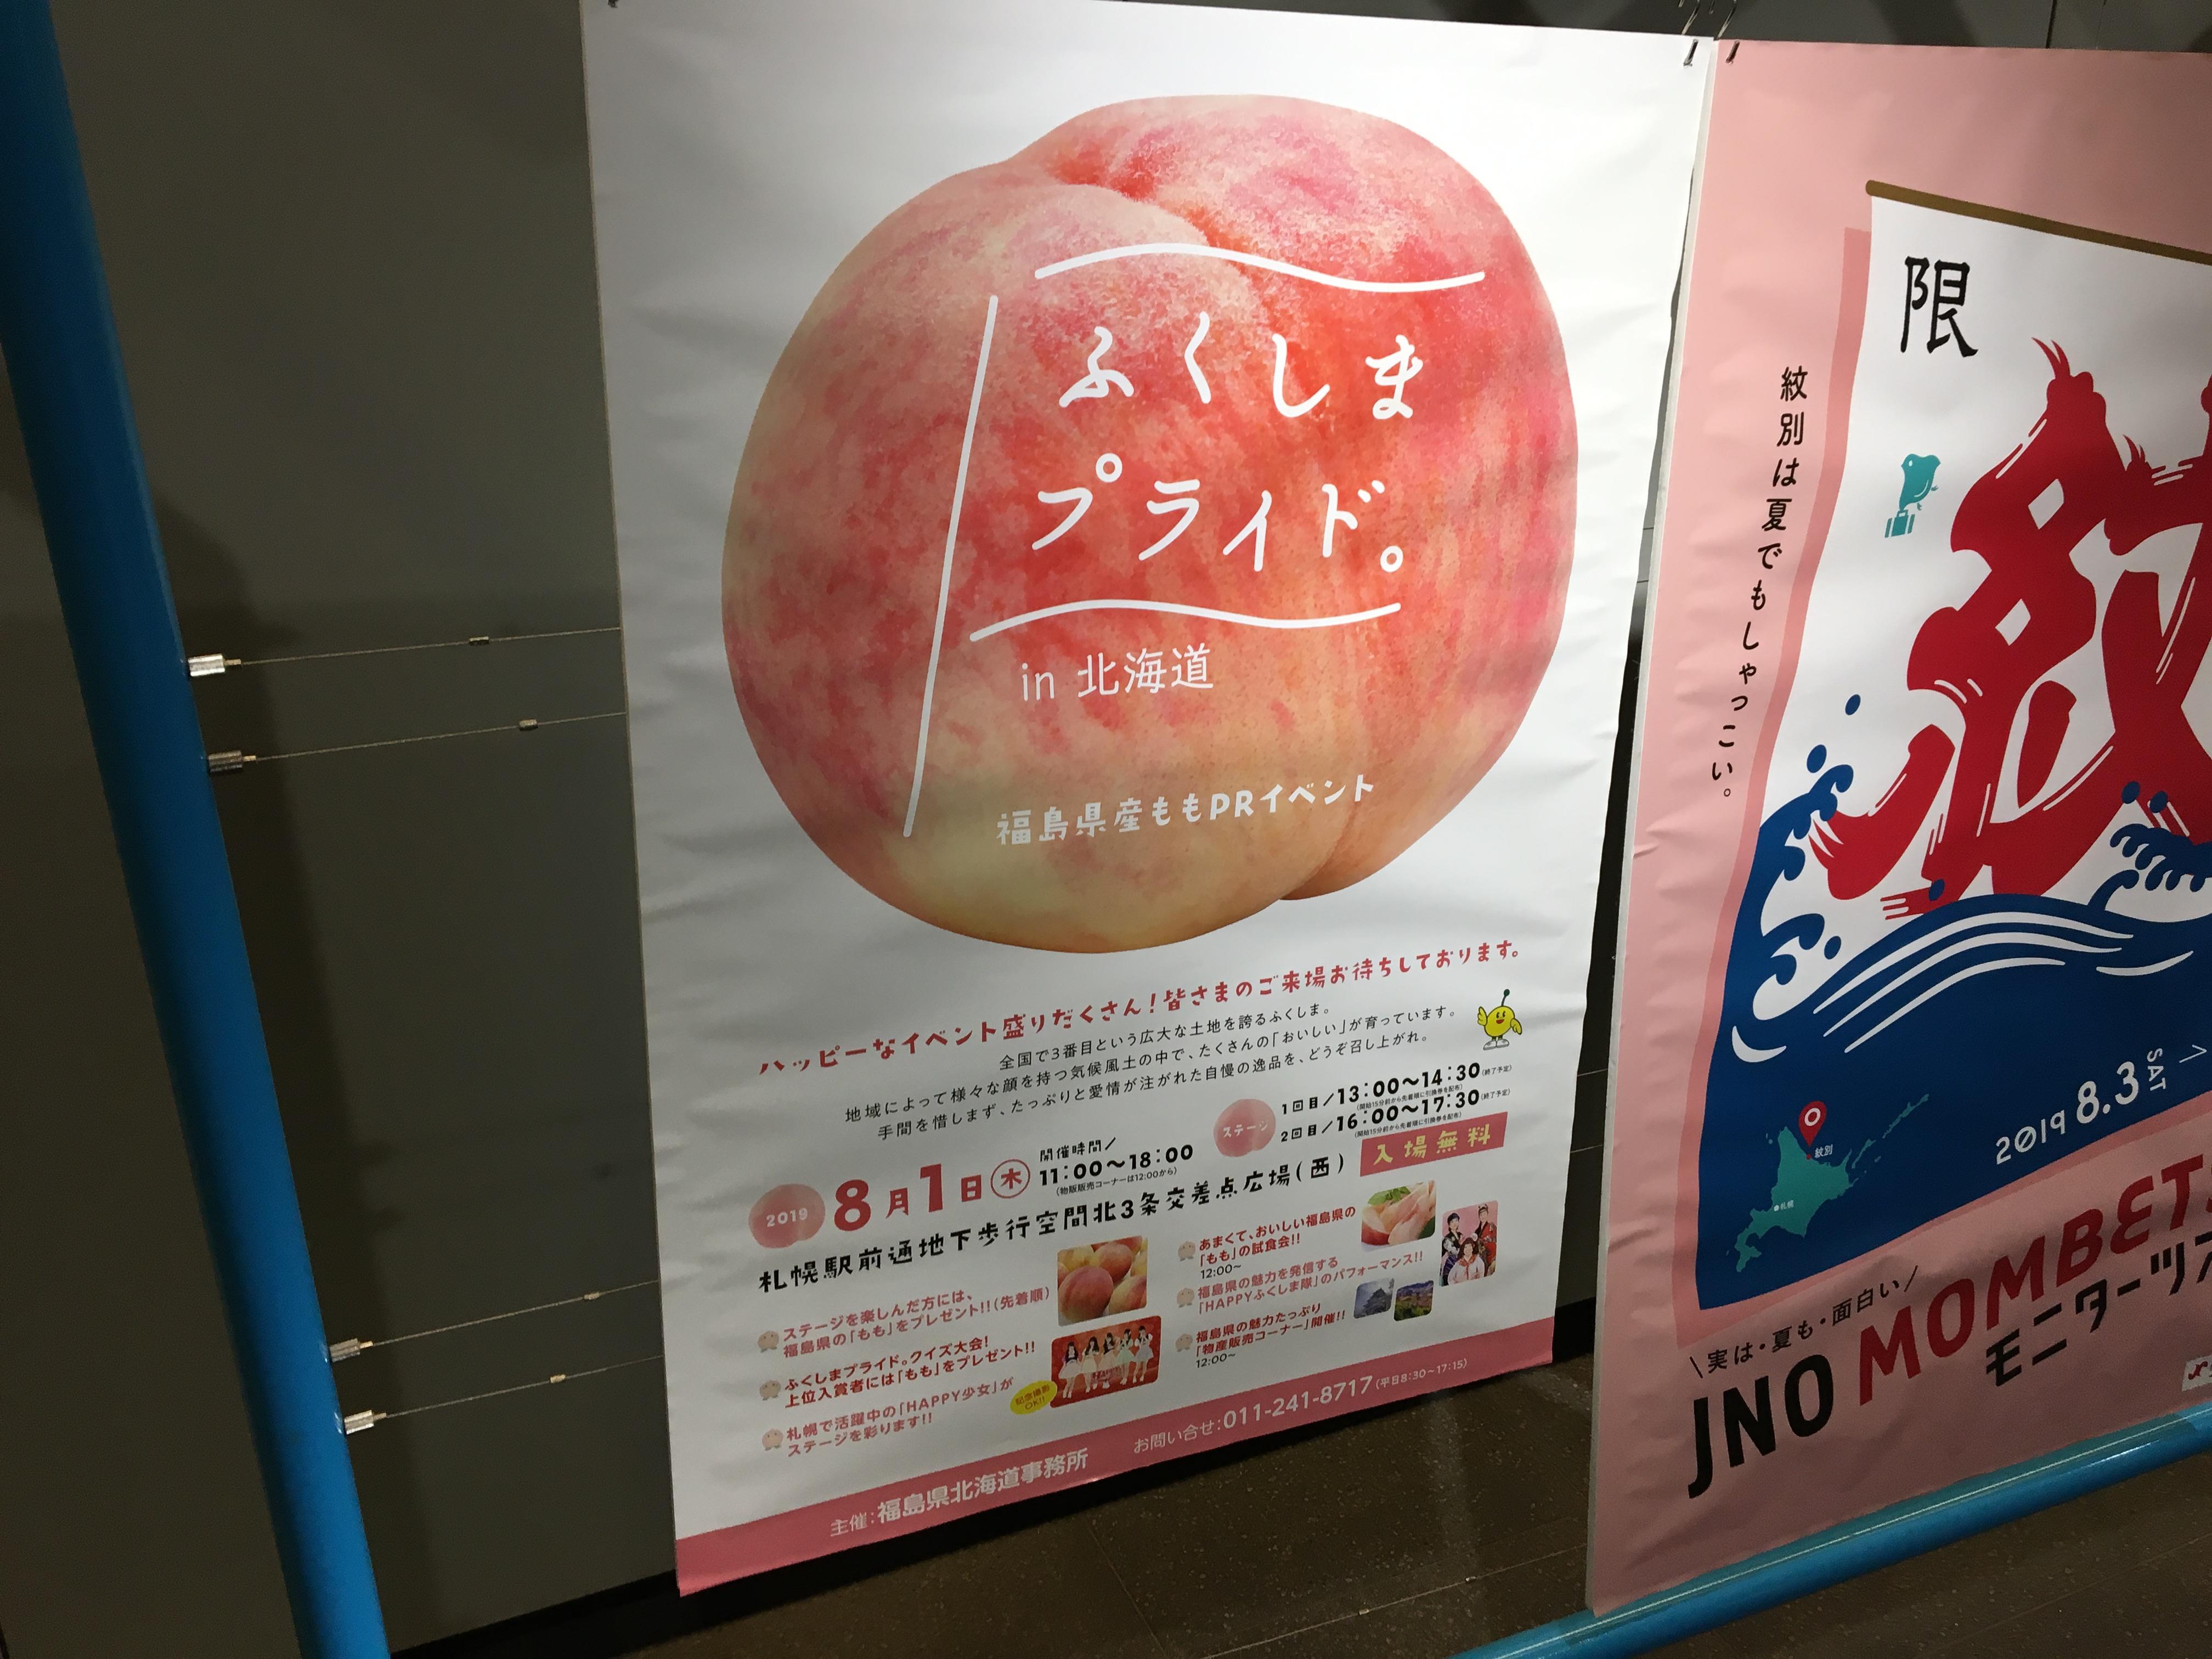 ふくしまプライド。in 北海道のポスター